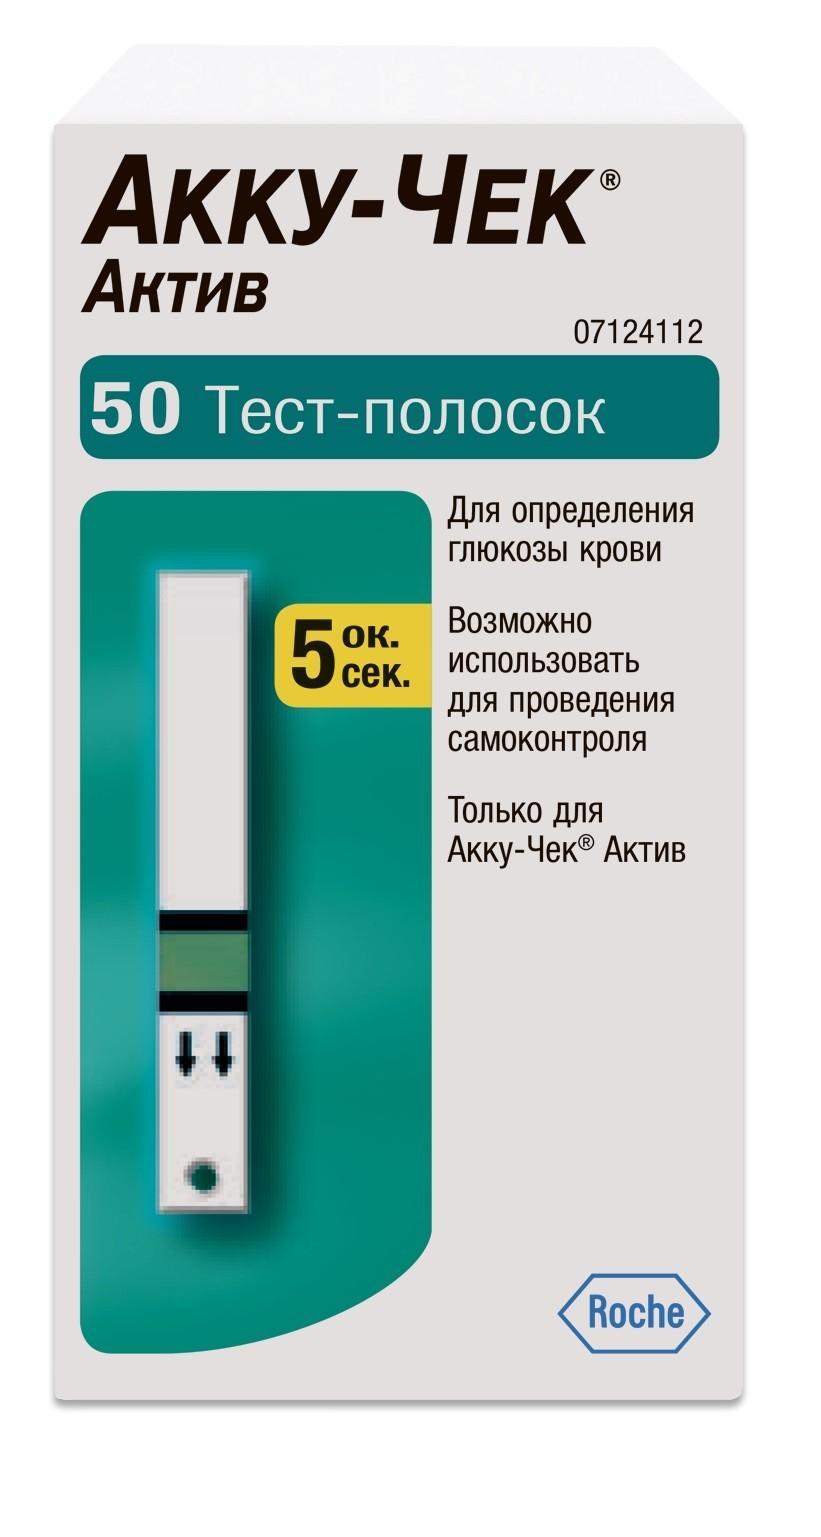 Тест на сигареты купить в аптеке электронная сигарета масло купить